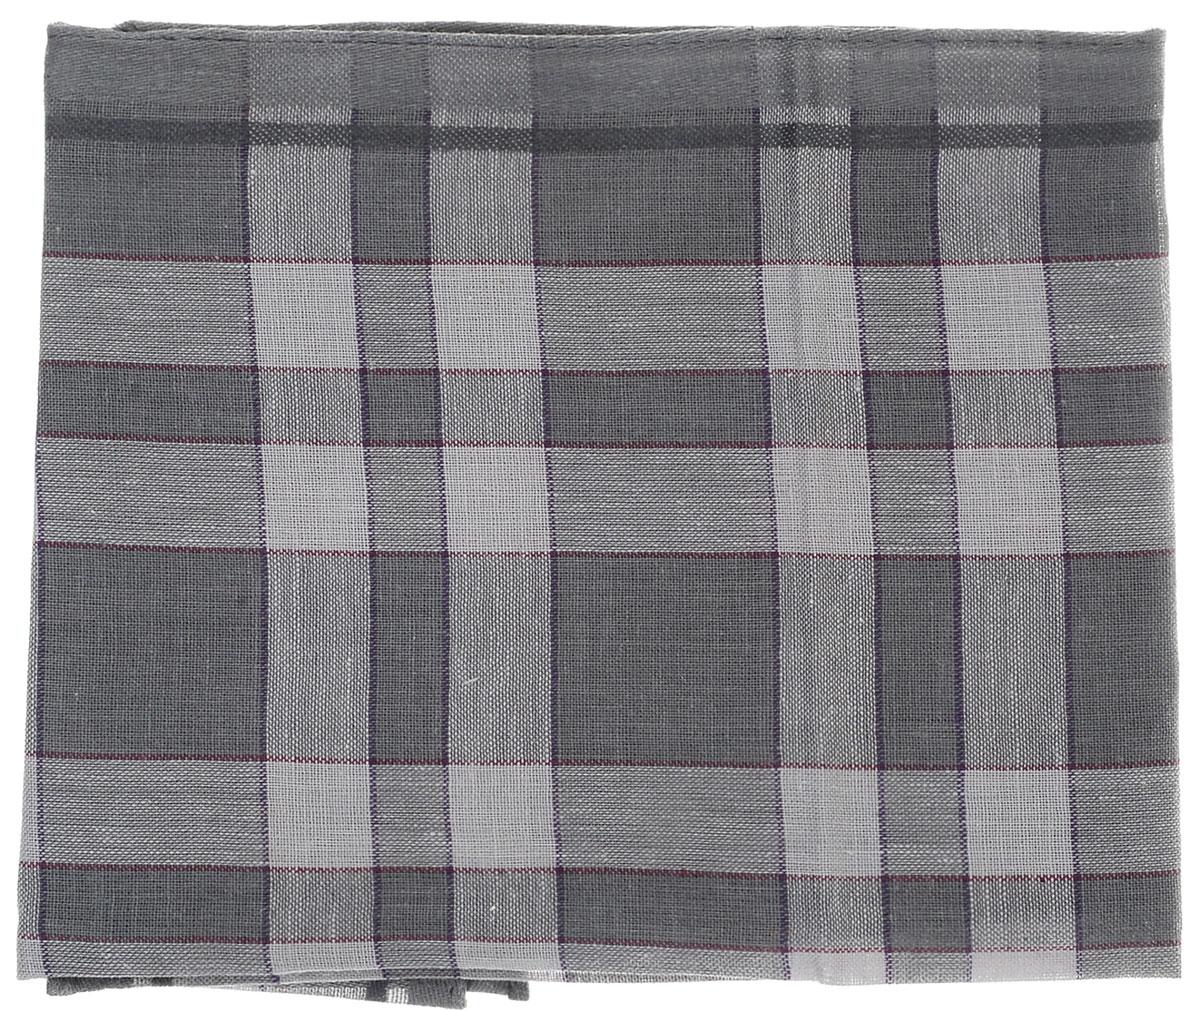 Платок носовой мужской Zlata Korunka, цвет: серый, светло-серый. 45495. Размер 37 см х 37 смСерьги с подвескамиМужской носовой платок Zlata Korunka, изготовленный из хлопка с добавлением полиэстера, приятен в использовании и хорошо стирается. Материал не садится и отлично впитывает влагу. Модель оформлена оригинальным принтом.